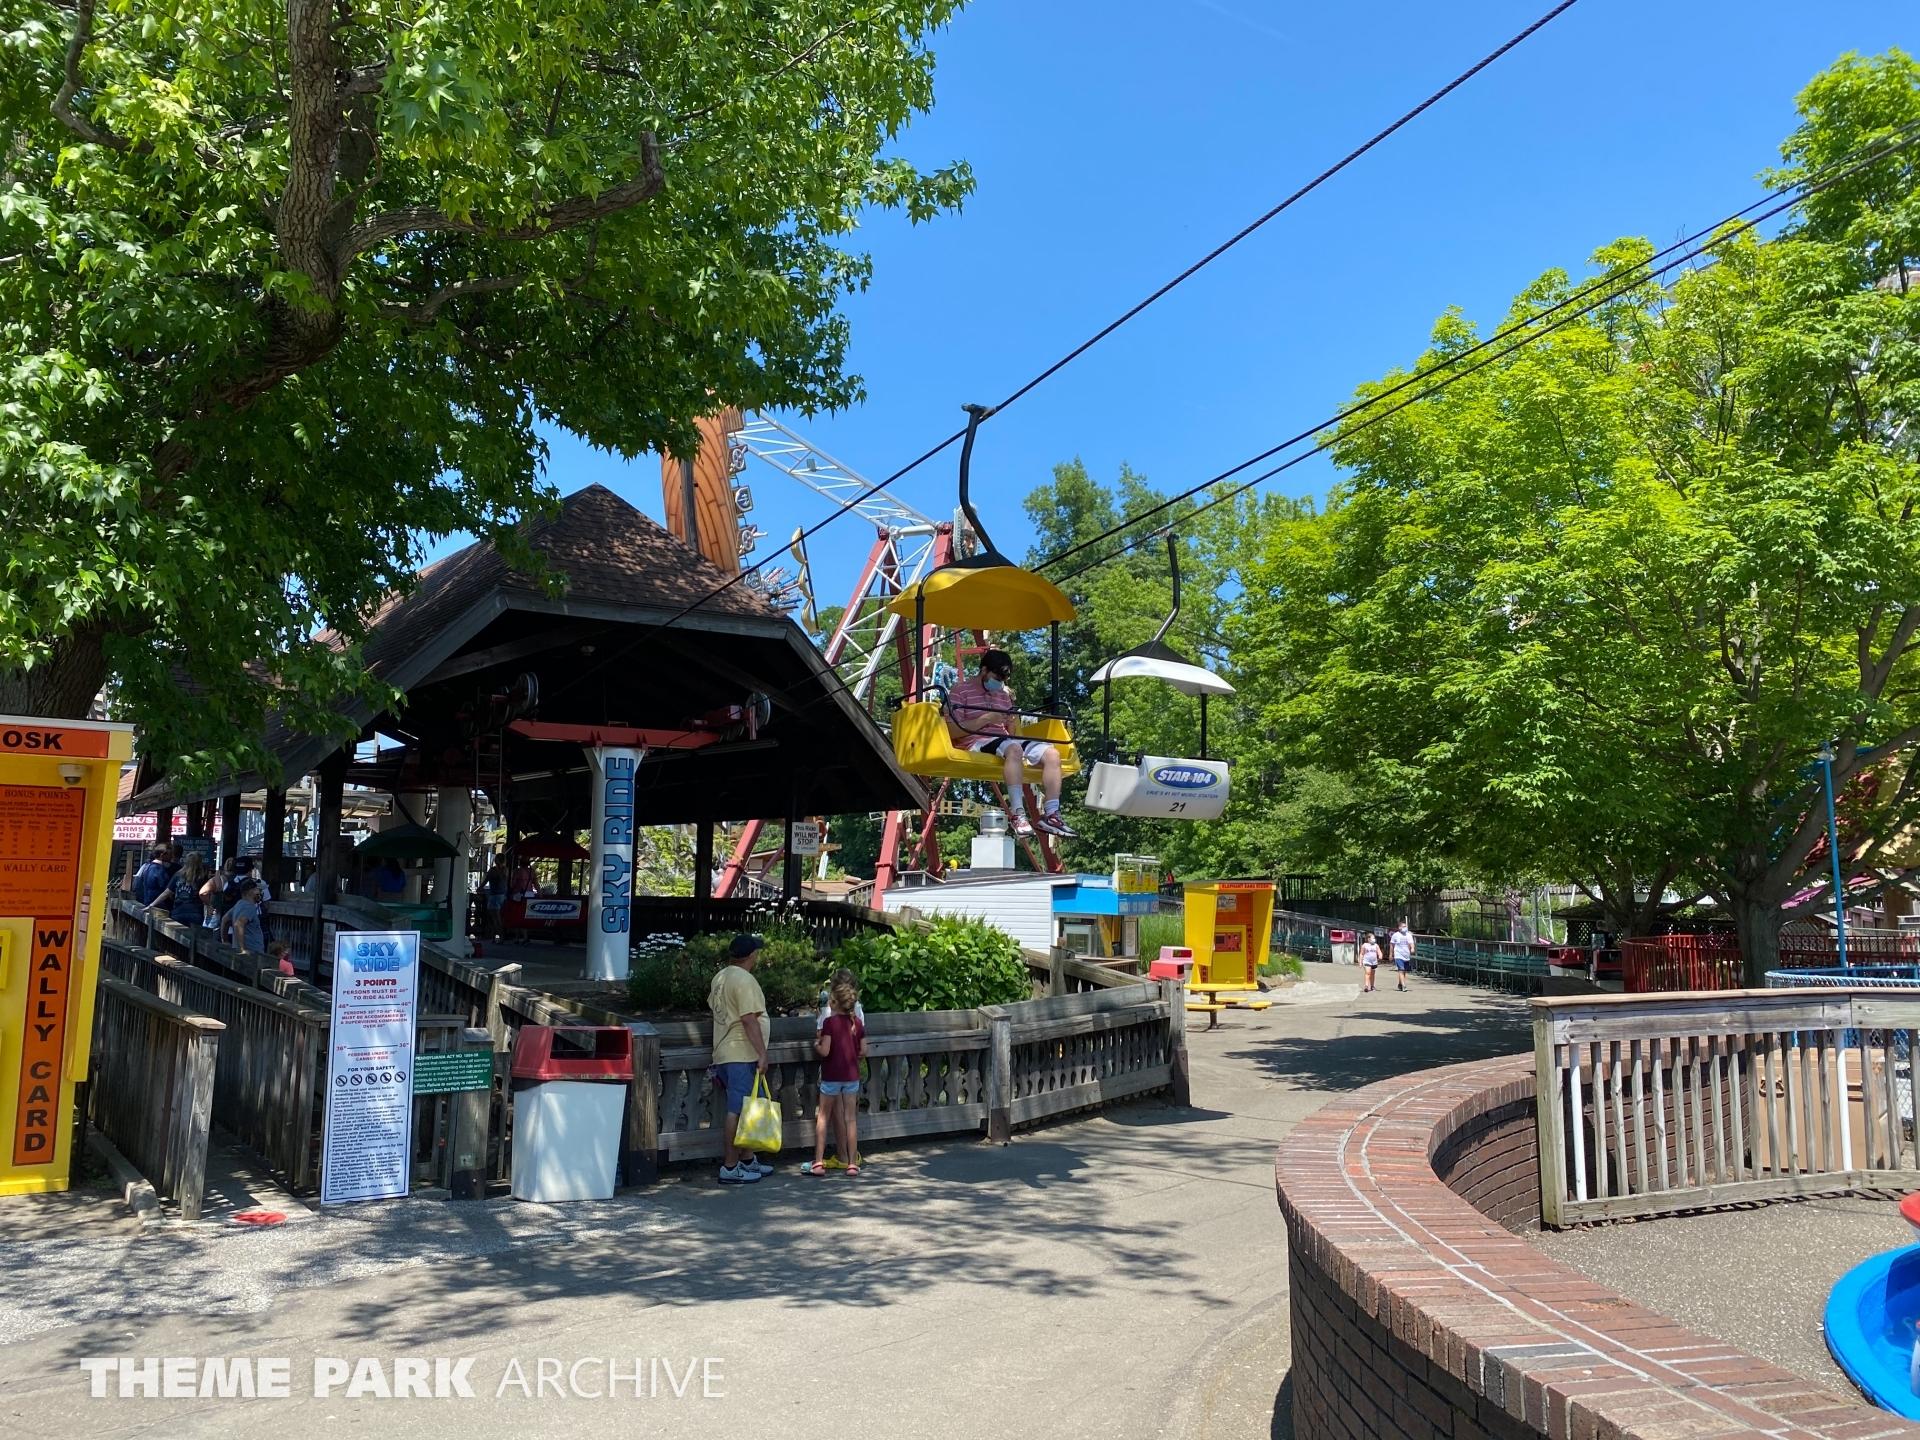 Sky Ride at Waldameer Park